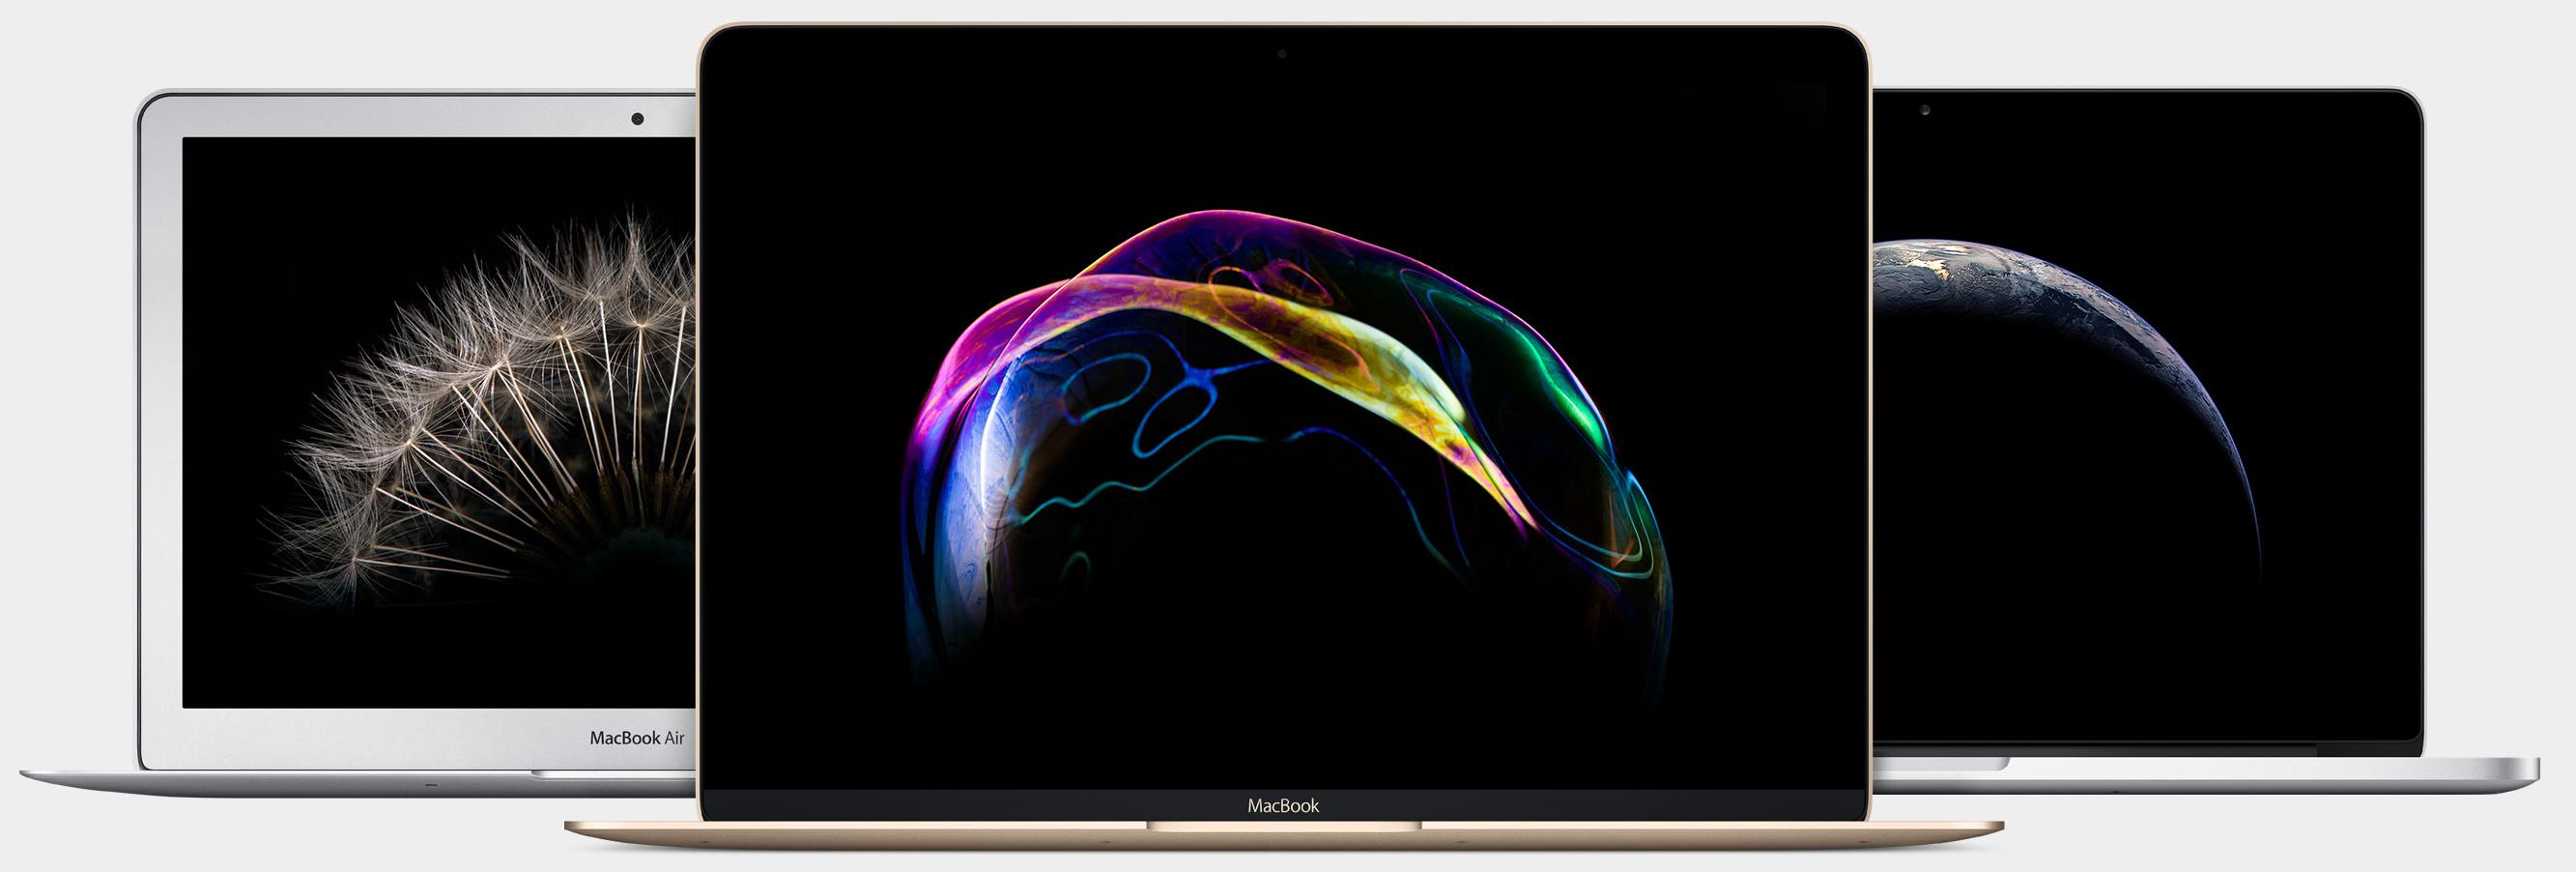 macbook-lineup-2015-wide